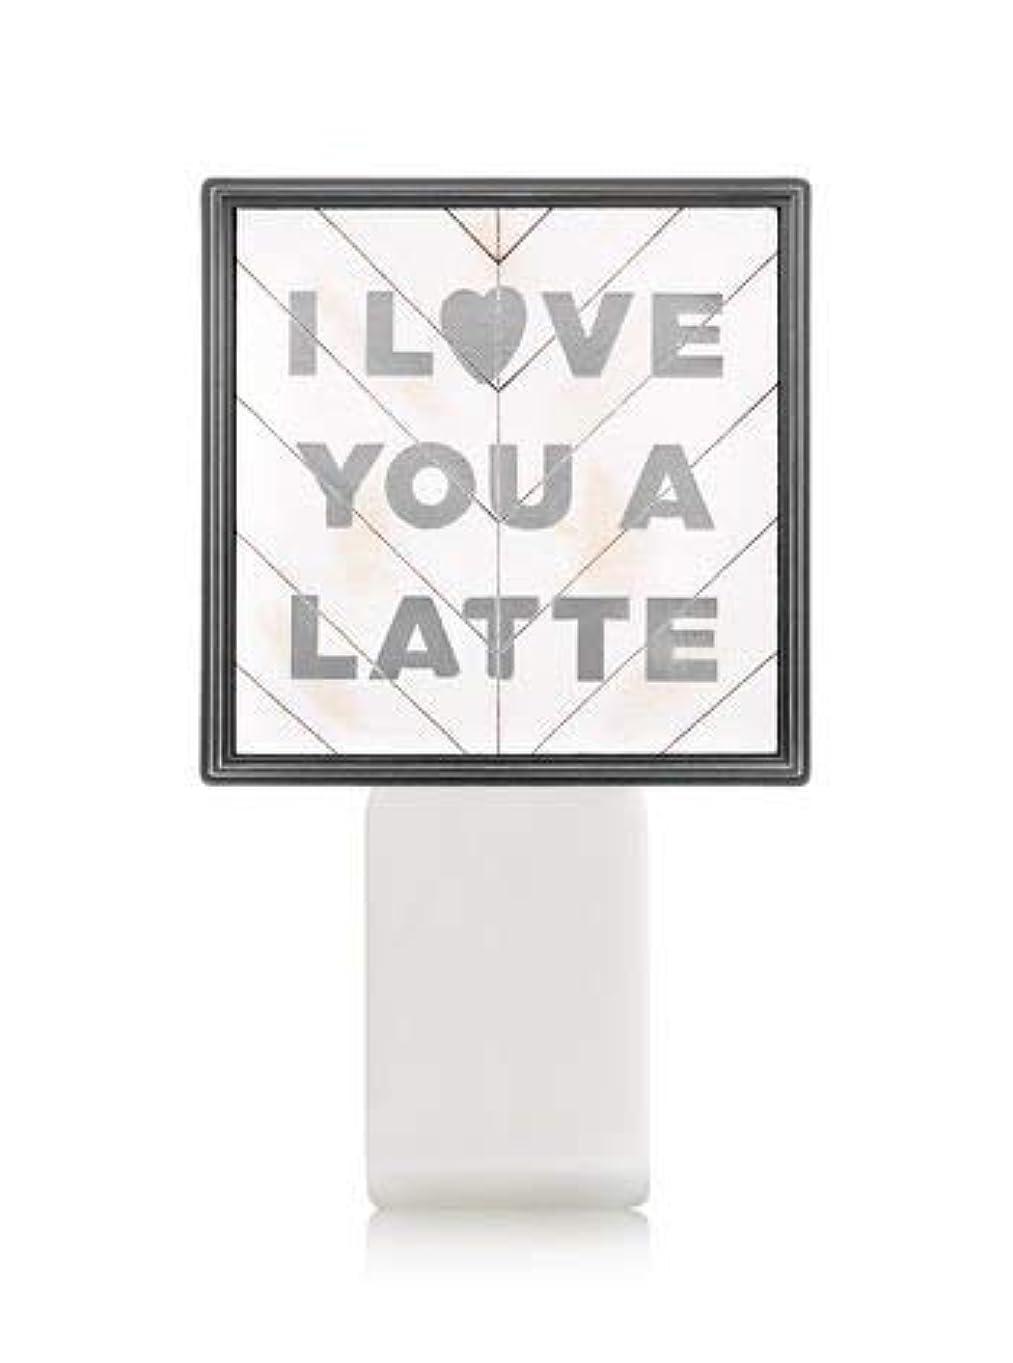 狂った遺棄された告発【Bath&Body Works/バス&ボディワークス】 ルームフレグランス プラグインスターター (本体のみ) アイラブユー Wallflowers Fragrance Plug I Love You a Latte [並行輸入品]